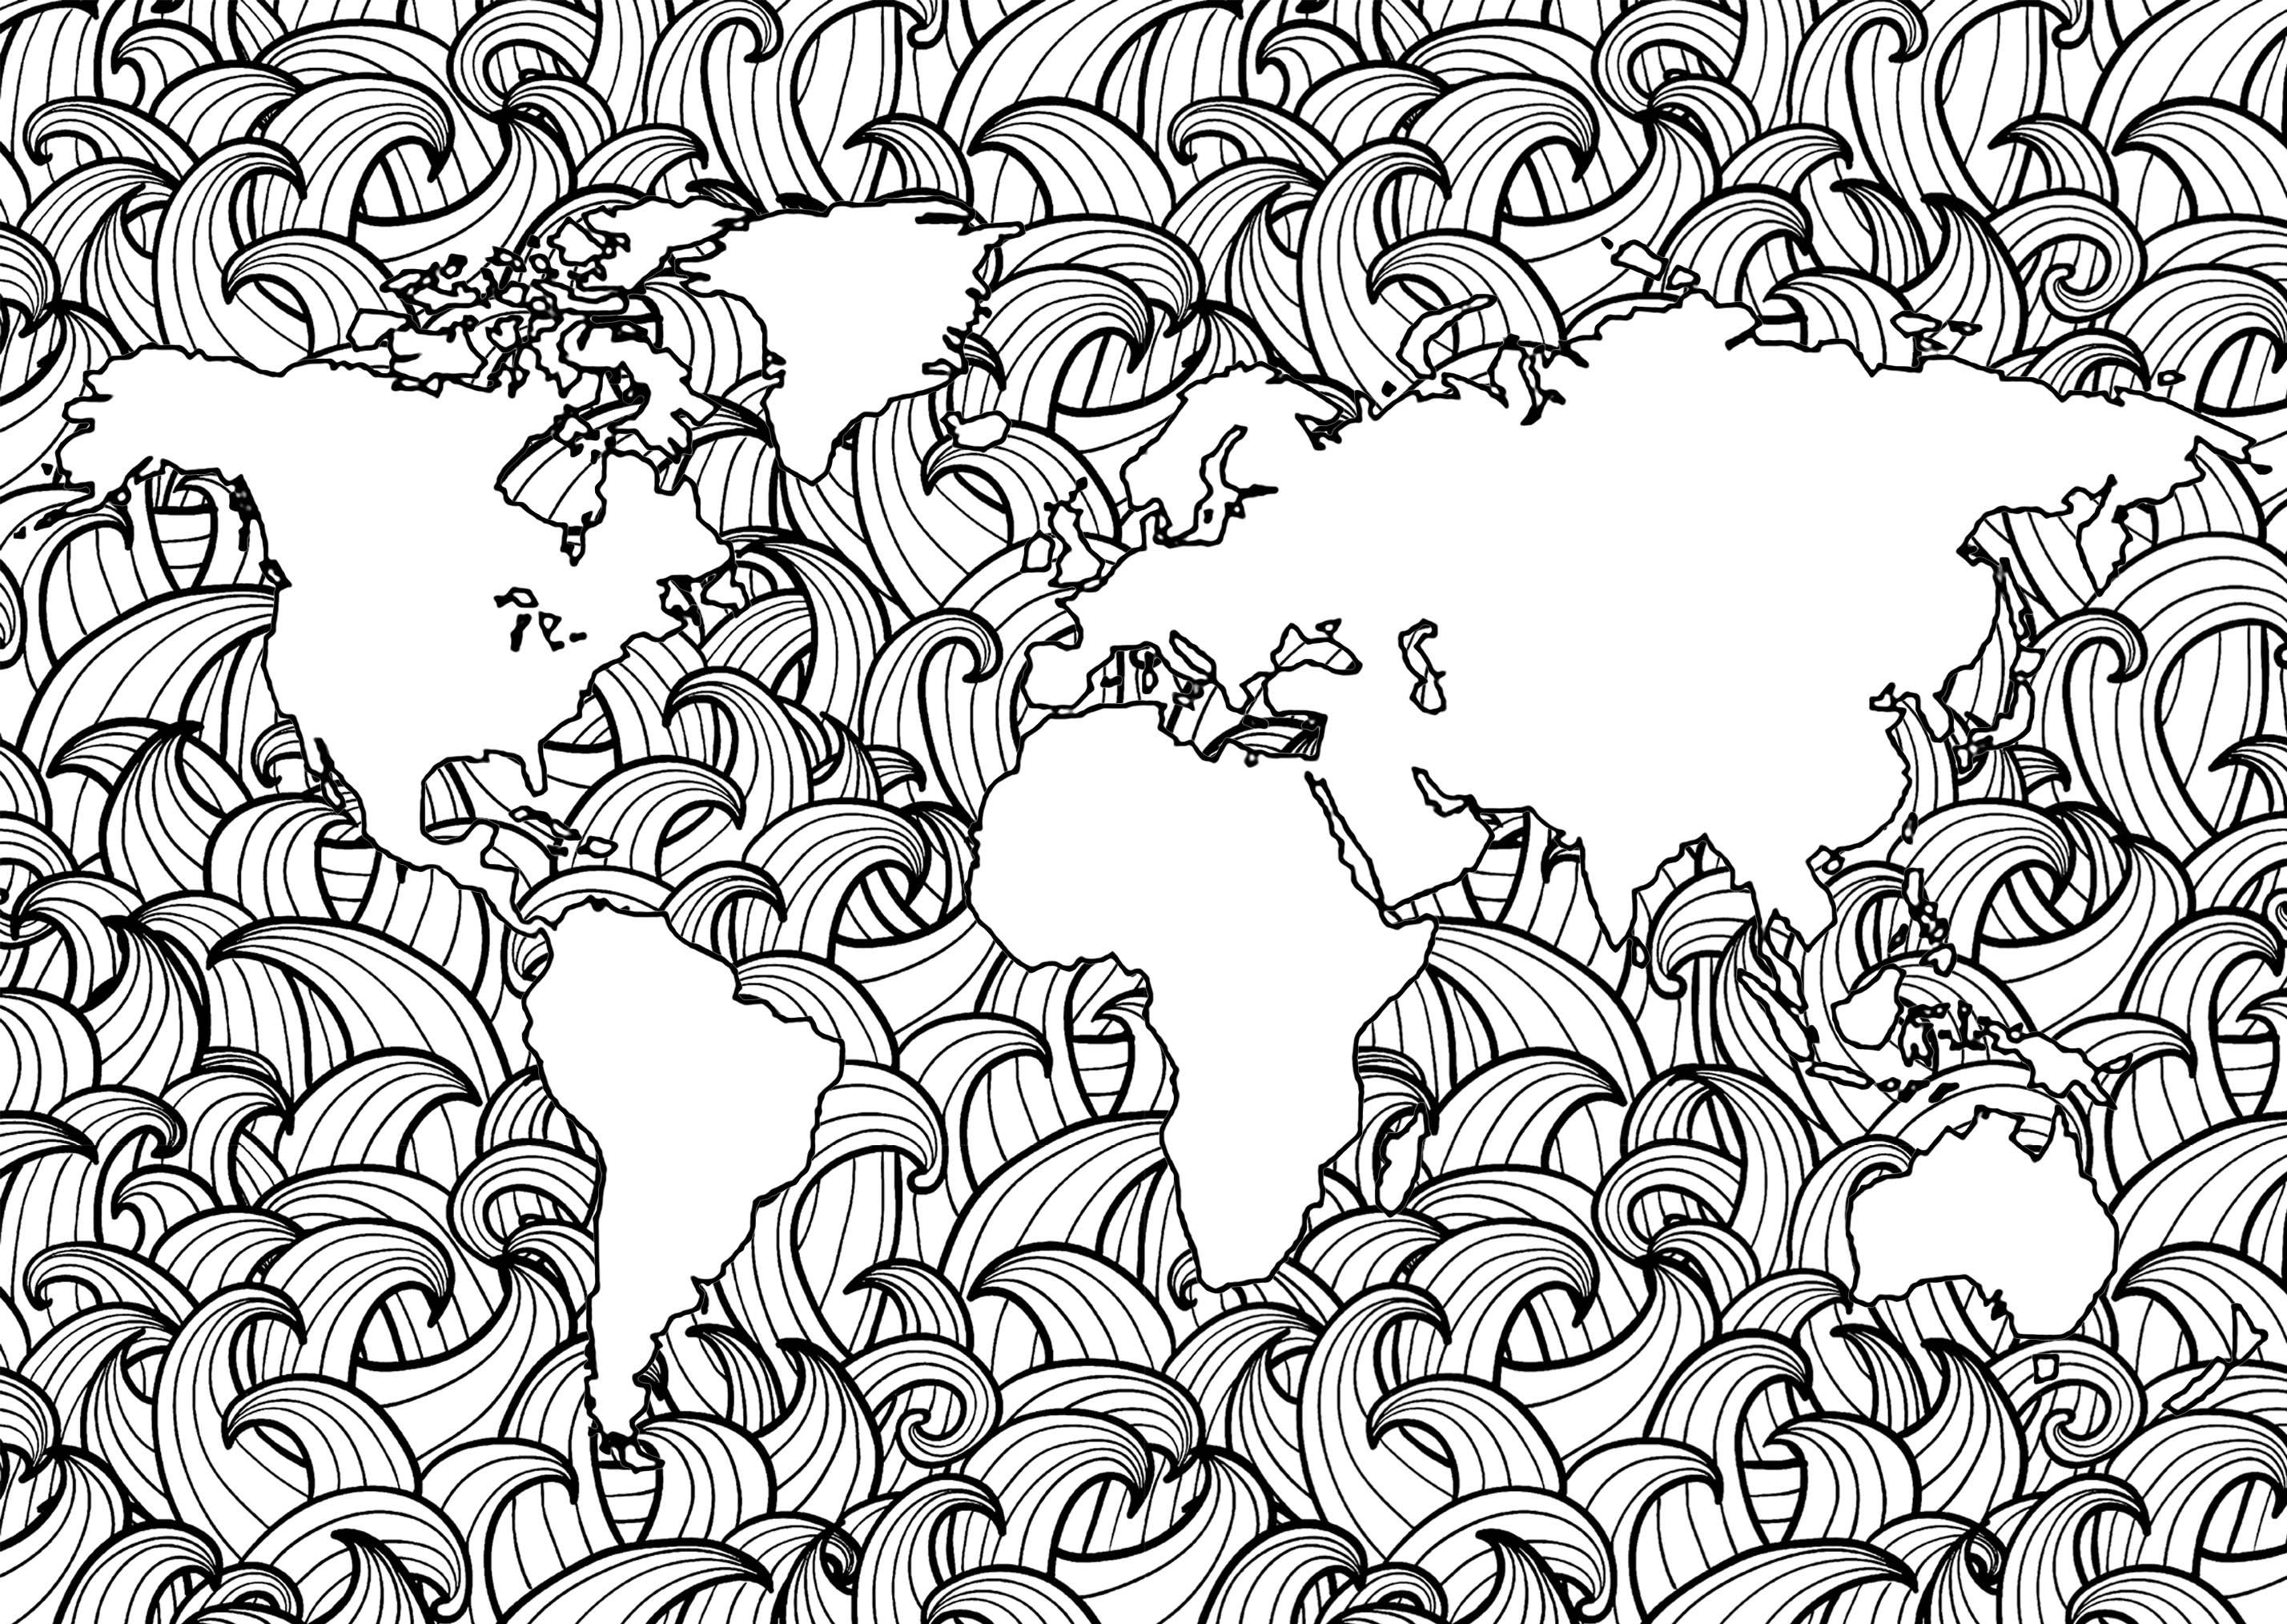 Planète Terre Et Vagues 2 - Anti-Stress & Art-Thérapie encequiconcerne Dessin De Vague A Imprimer